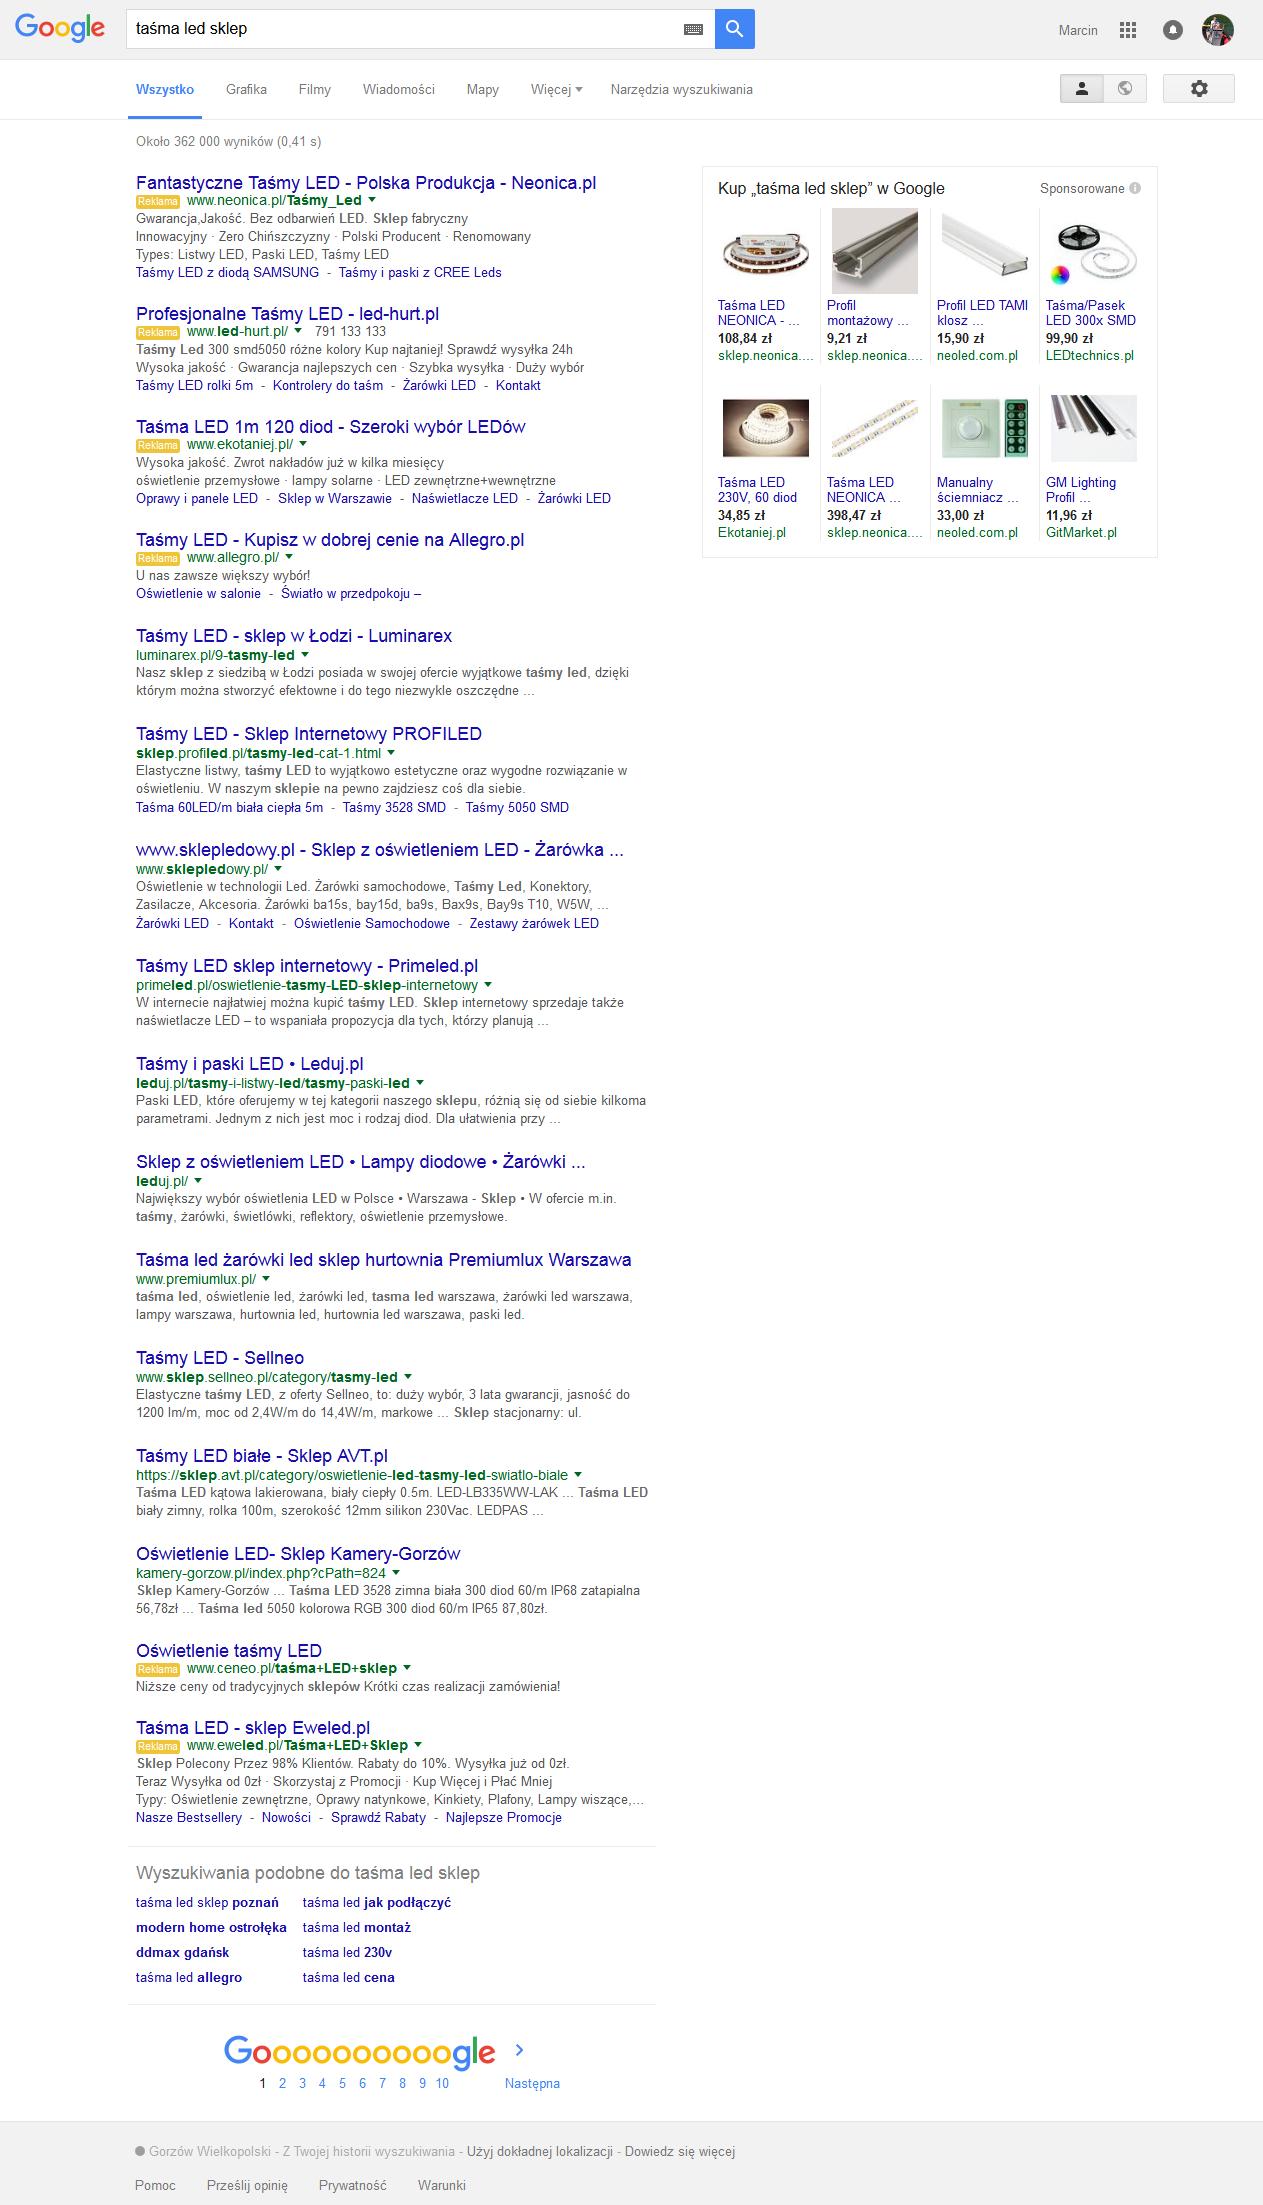 widok wyniku wyszukiwania po zniamach